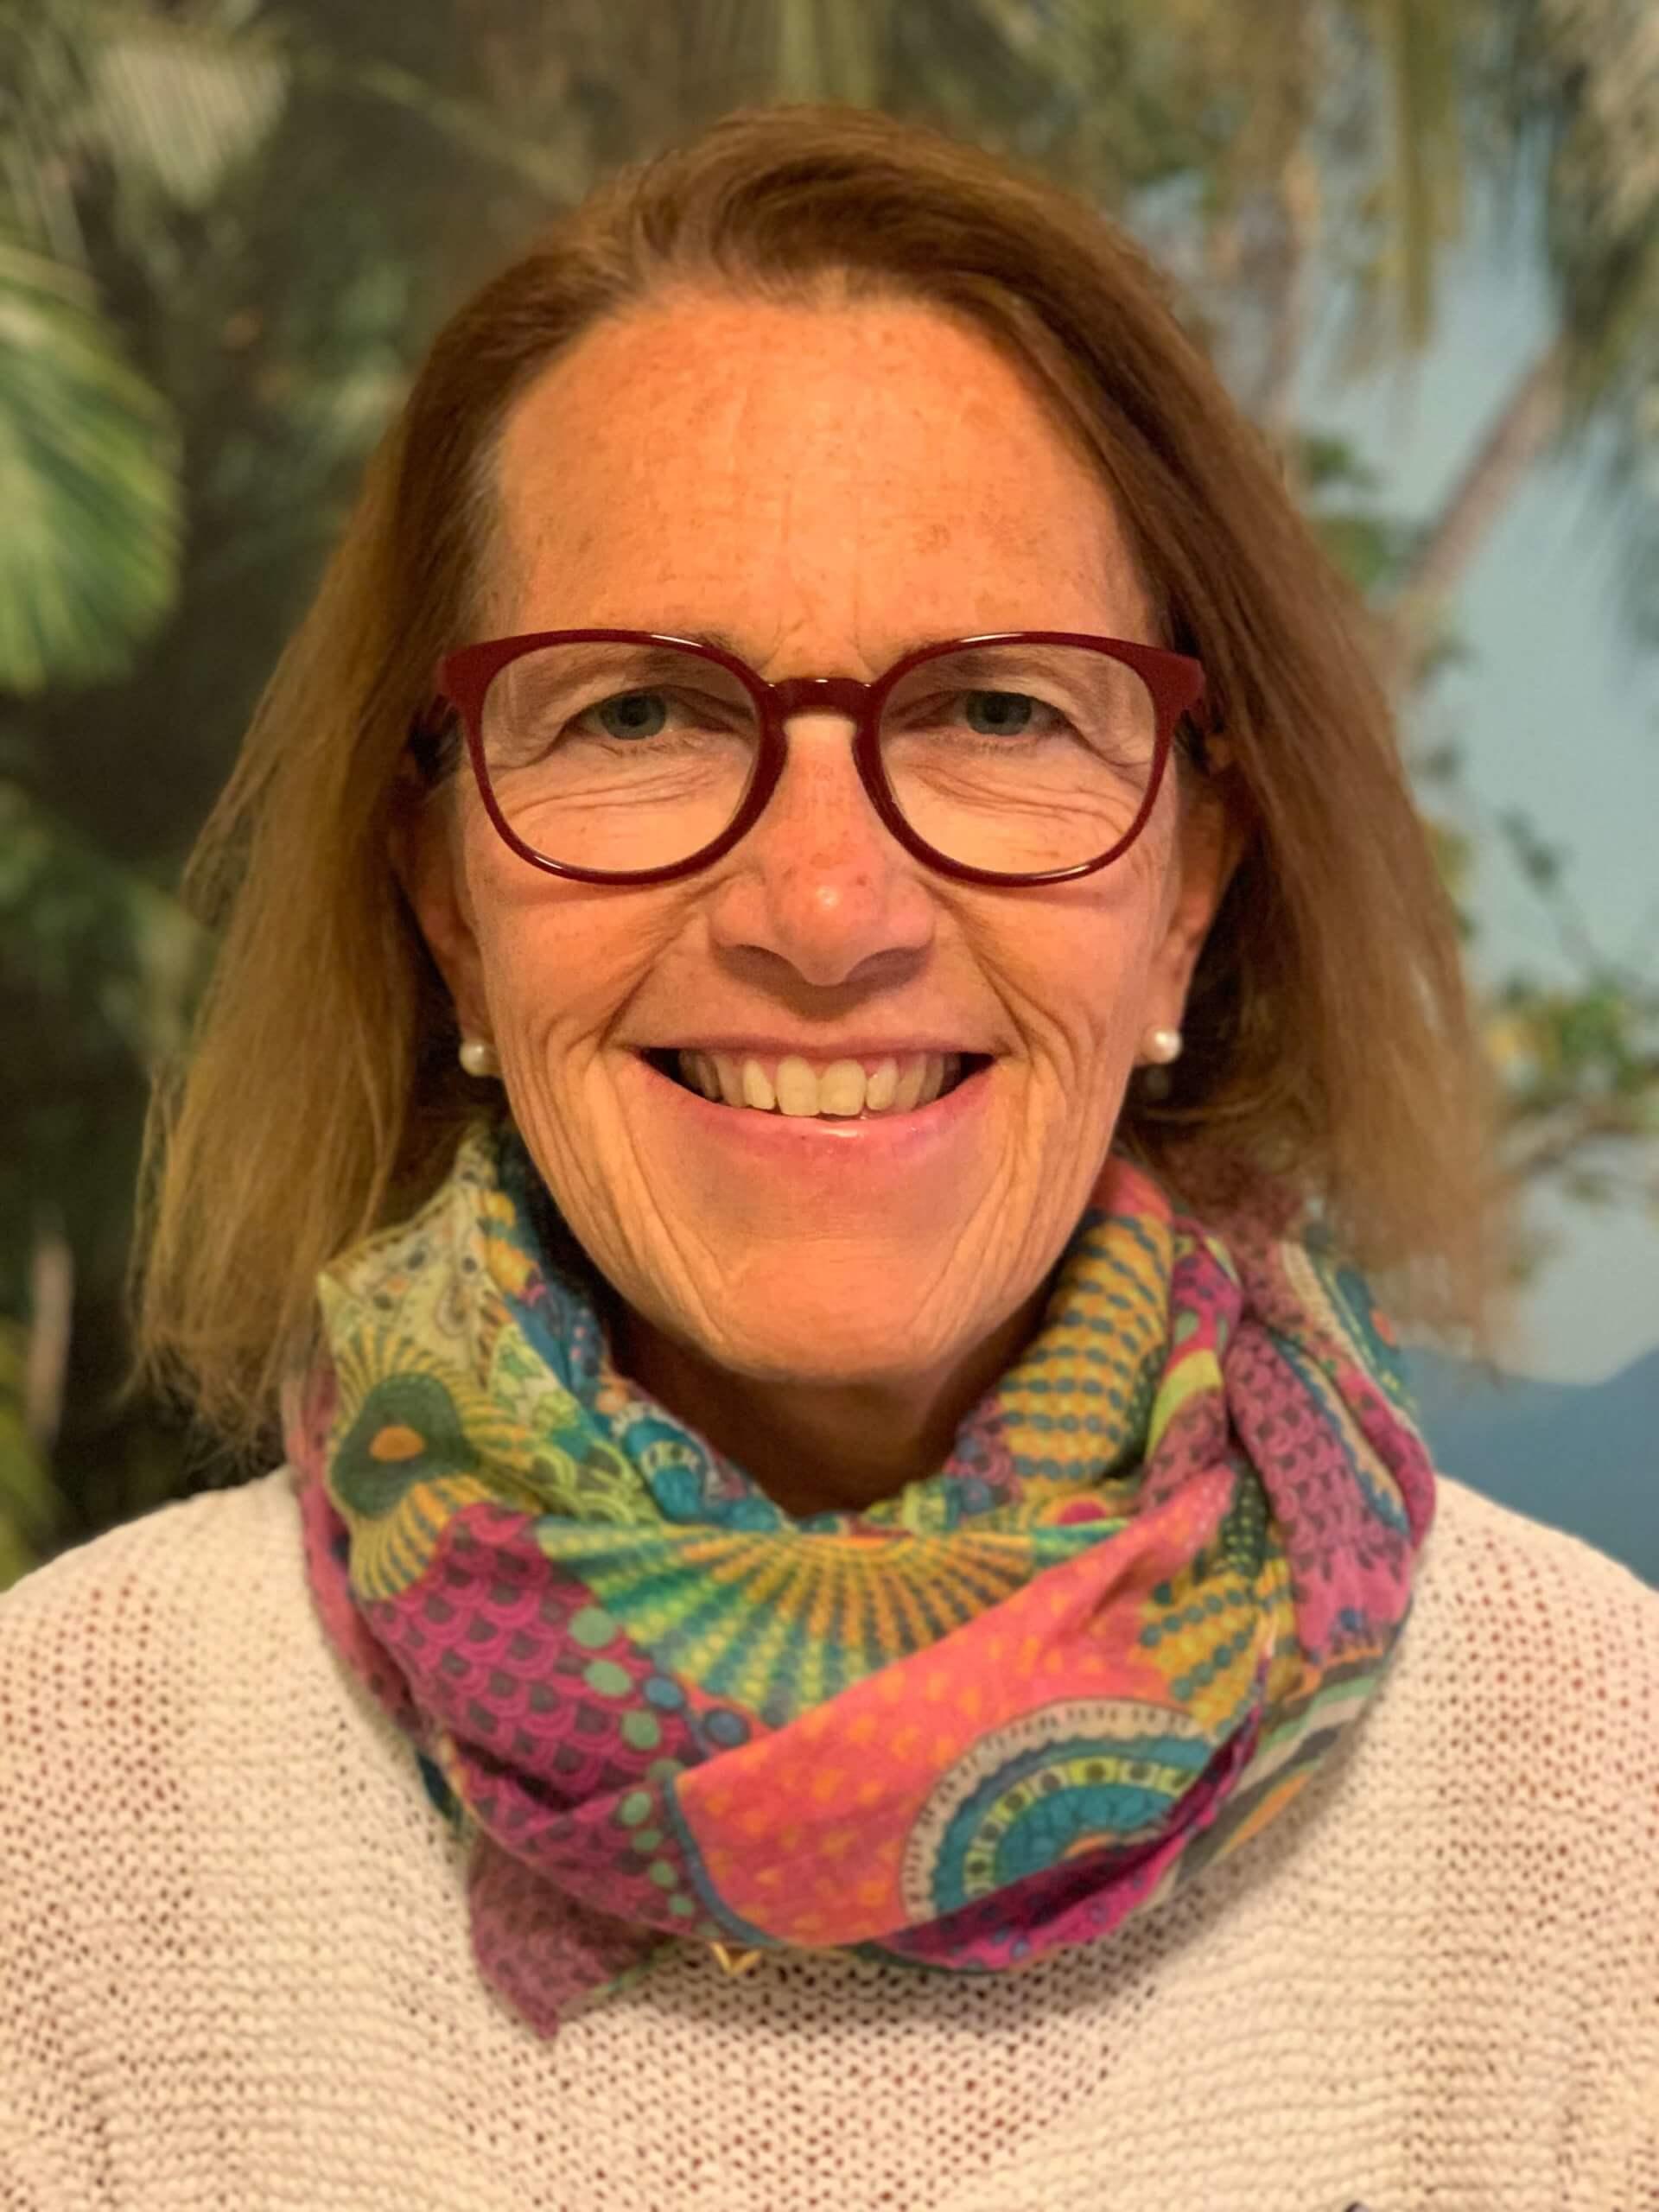 Porträtt Susanne Nilsson